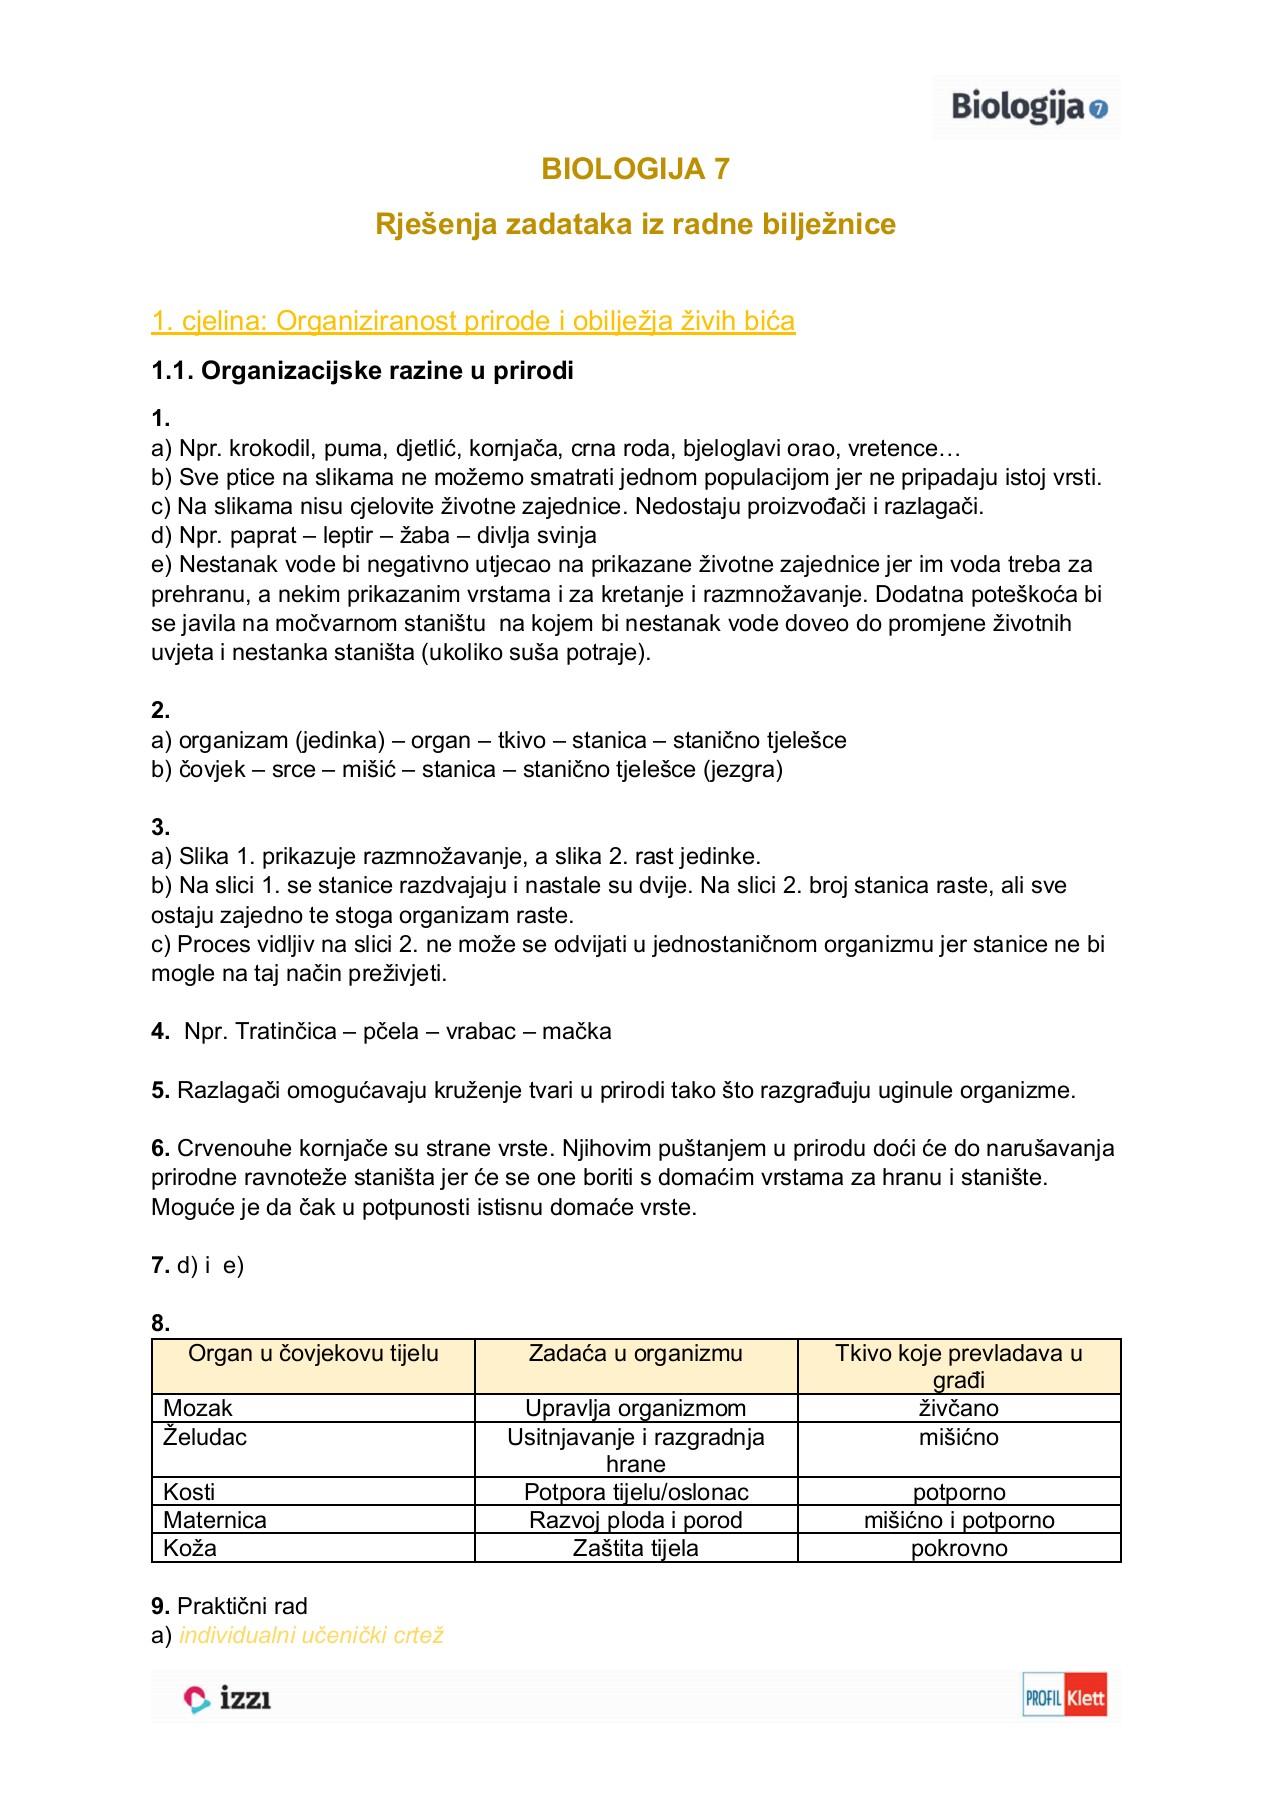 Rjesenja Zadataka Radne Biljeznice Biologija 7